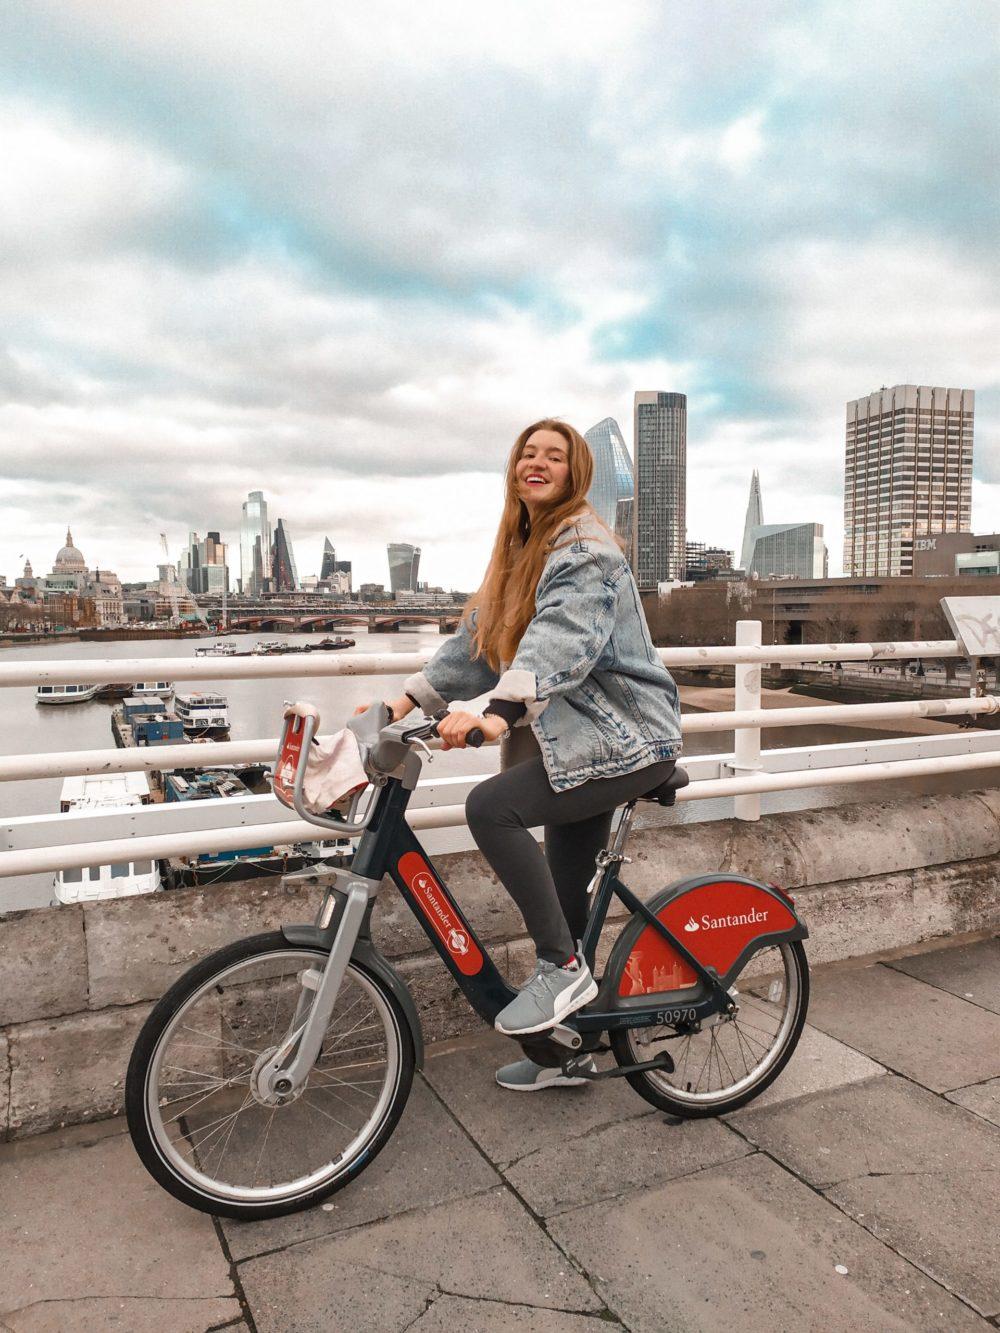 Santader Cycles London - Martina Lubian